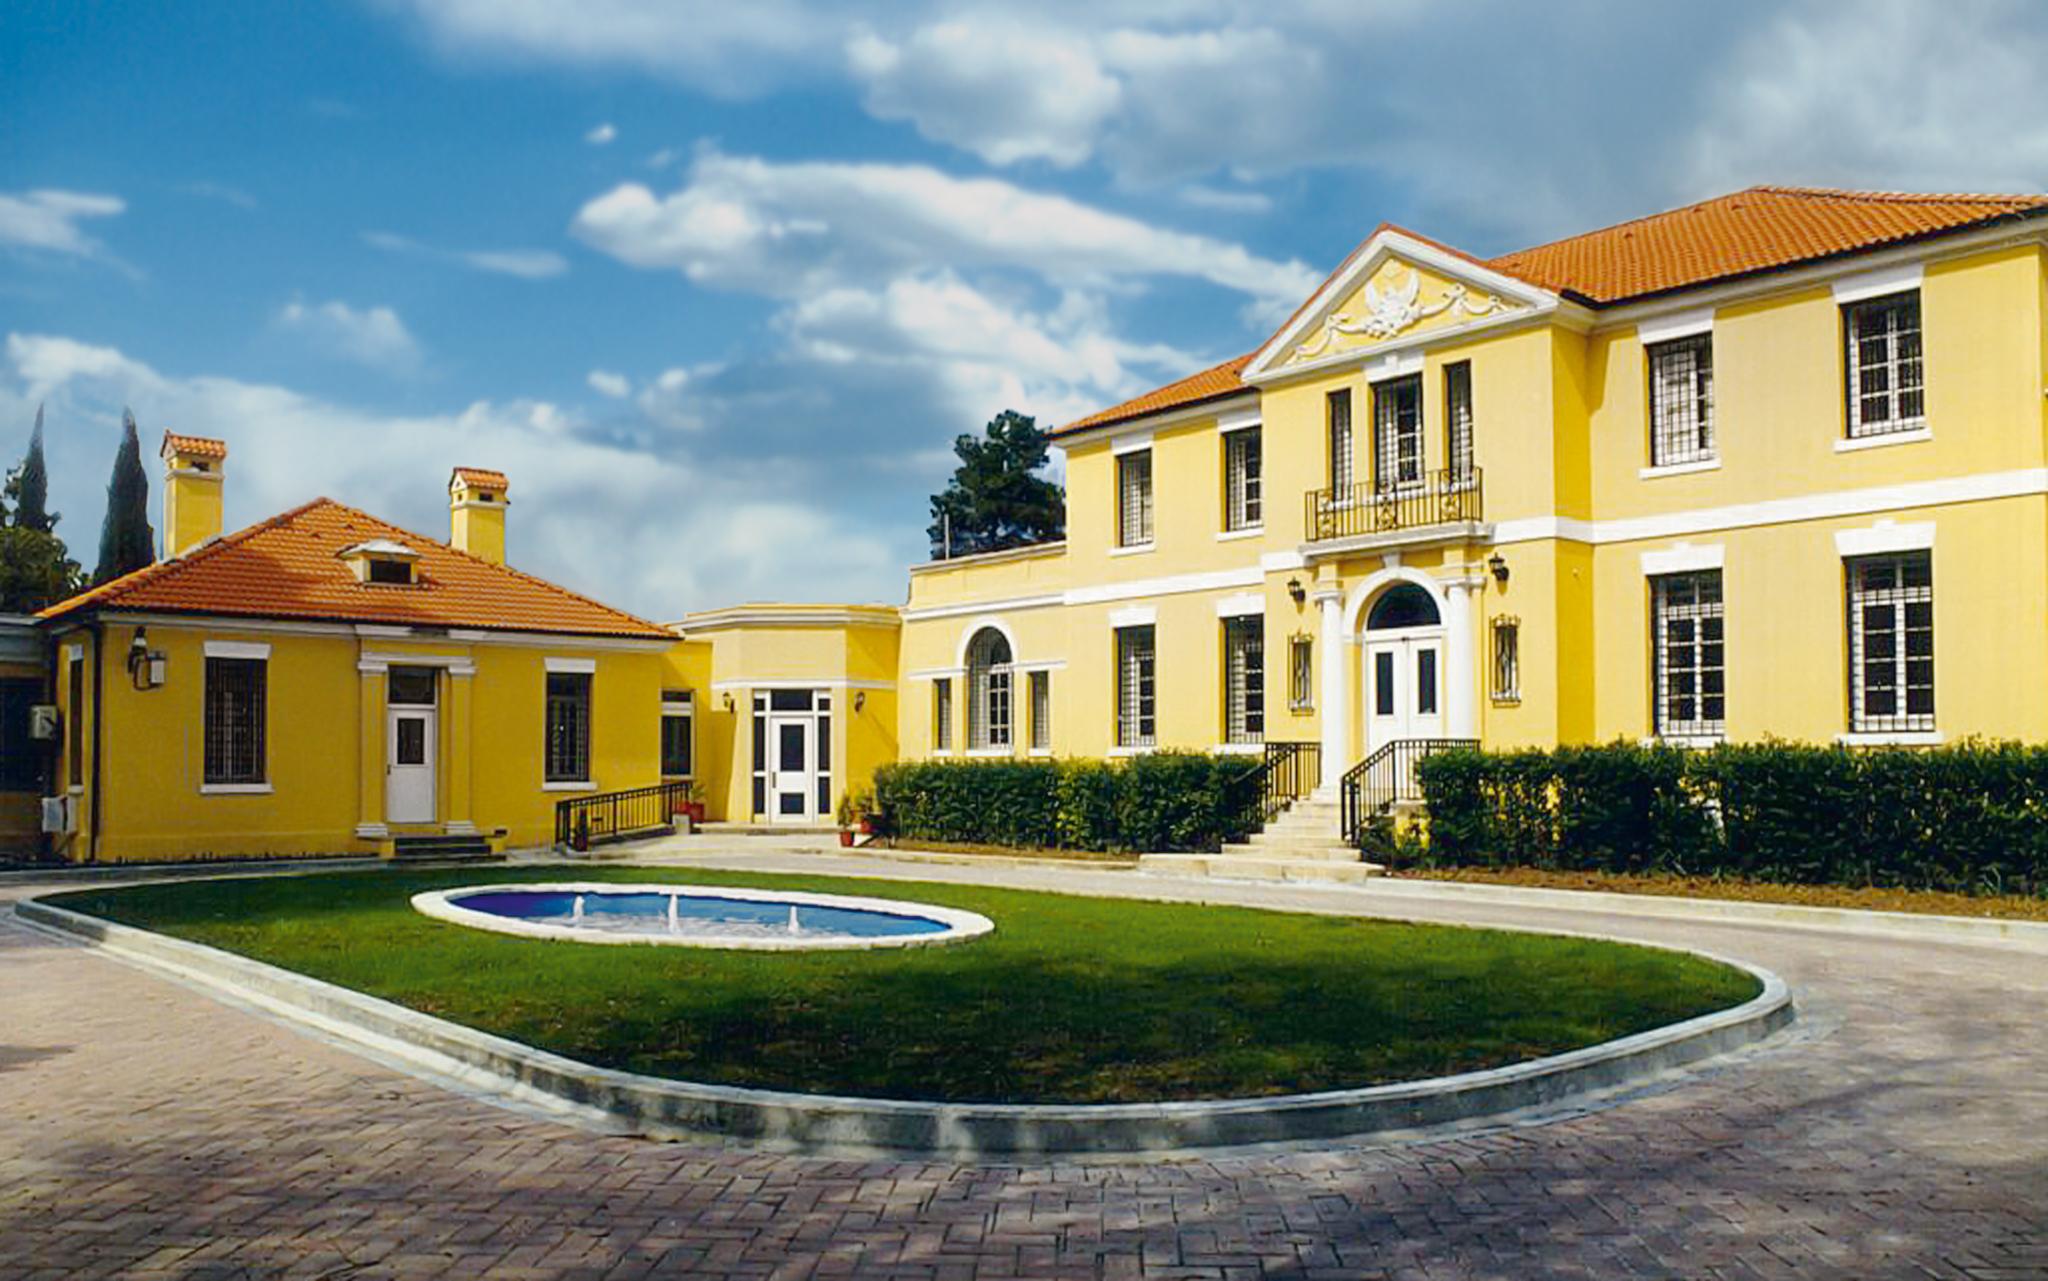 Bangunan berwarna kuning mengelilingi oval berumput dengan air mancur (State Dept.)